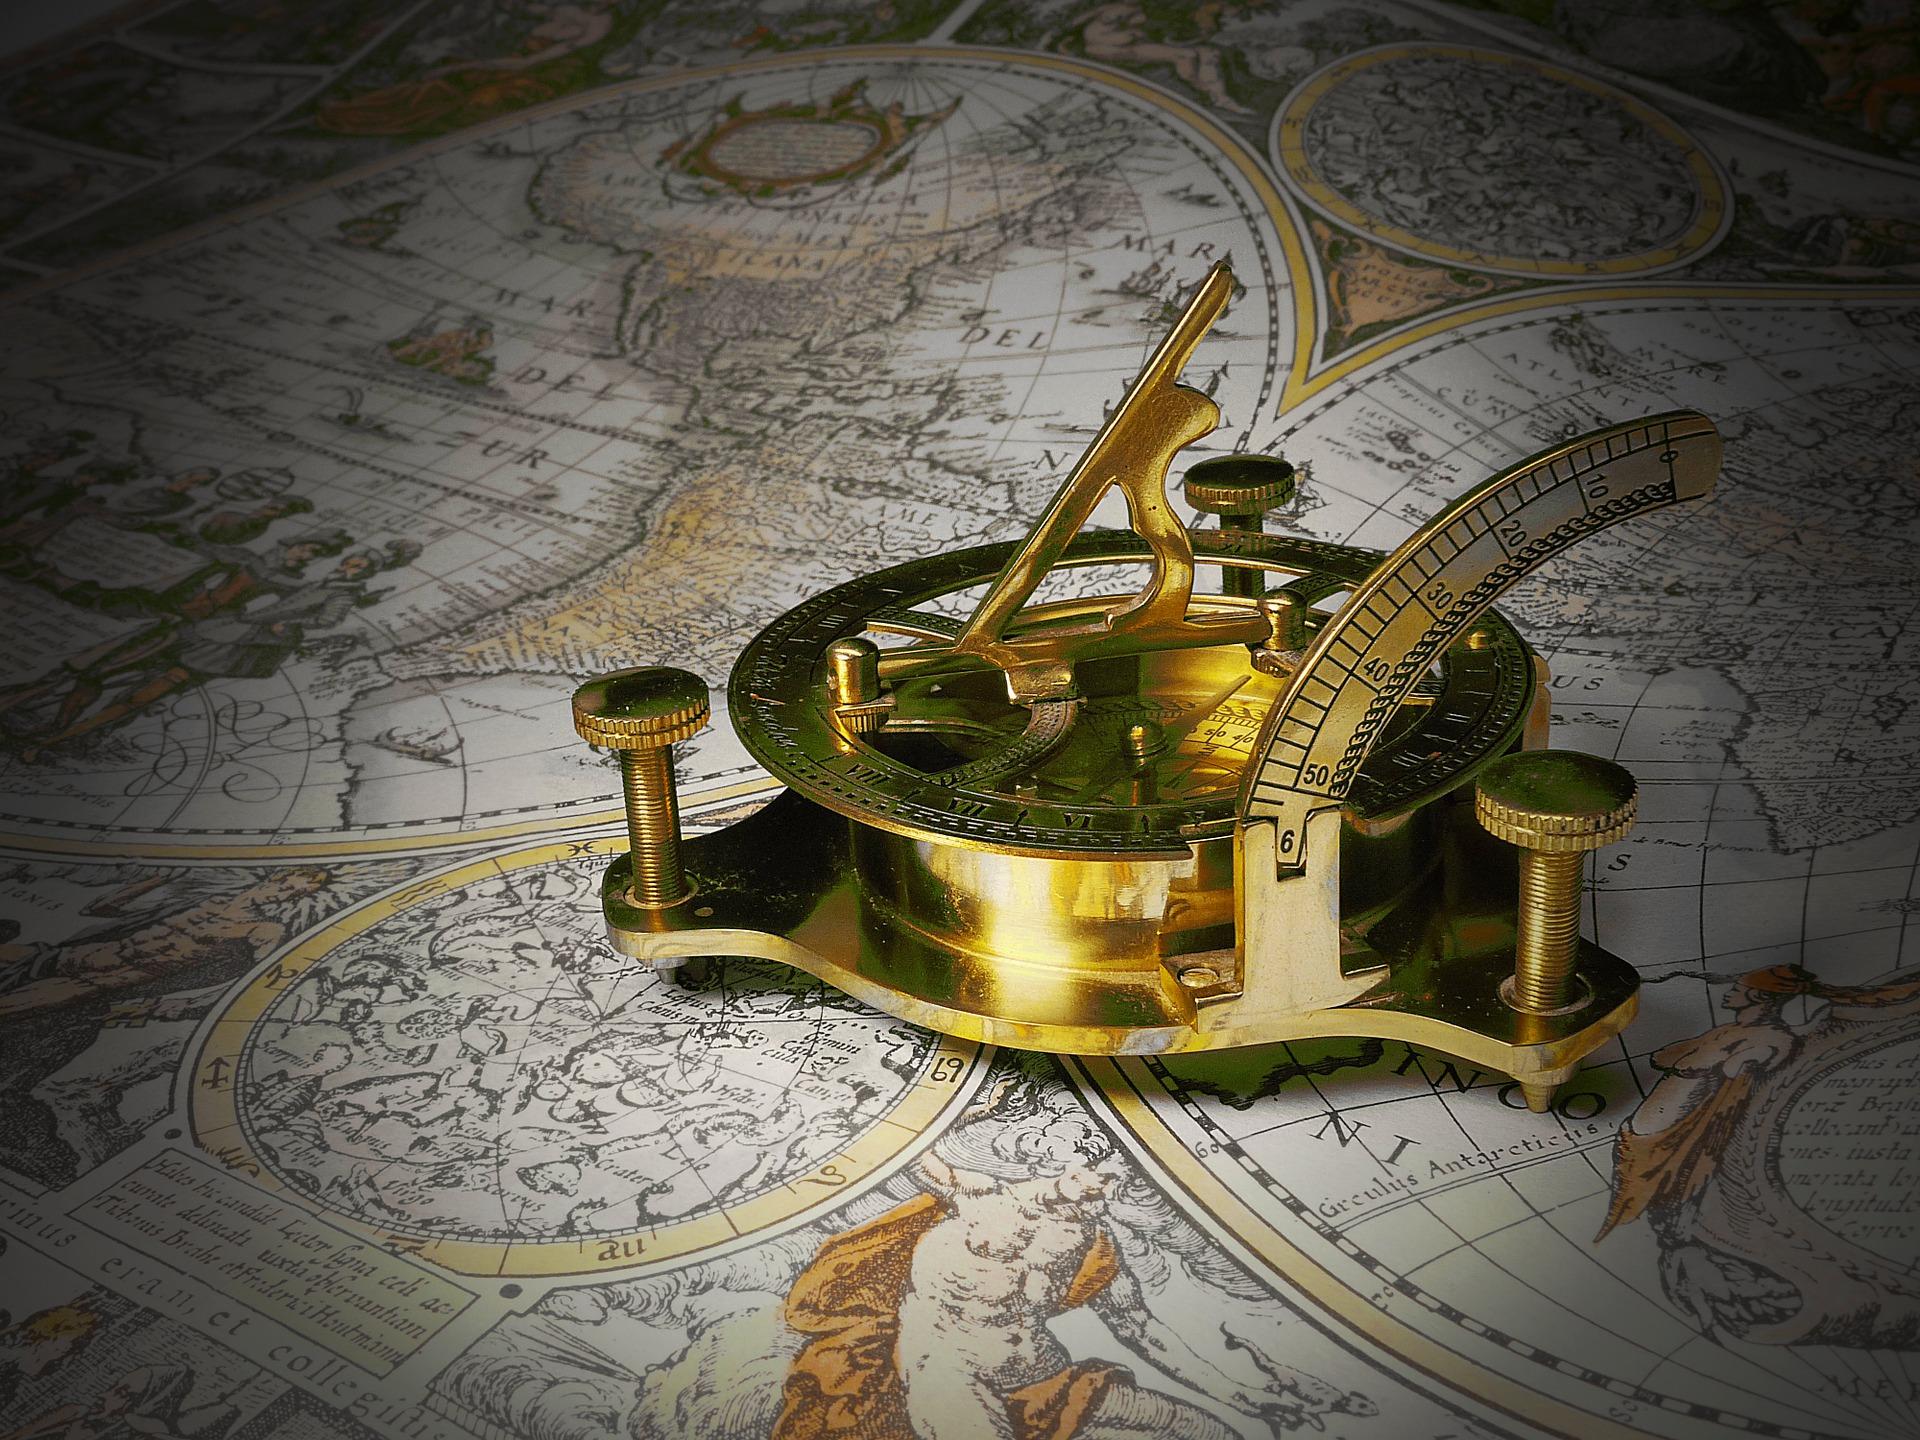 Relógio, Relógio de sol, calibre, mapa, Geografia, Dorado - Papéis de parede HD - Professor-falken.com